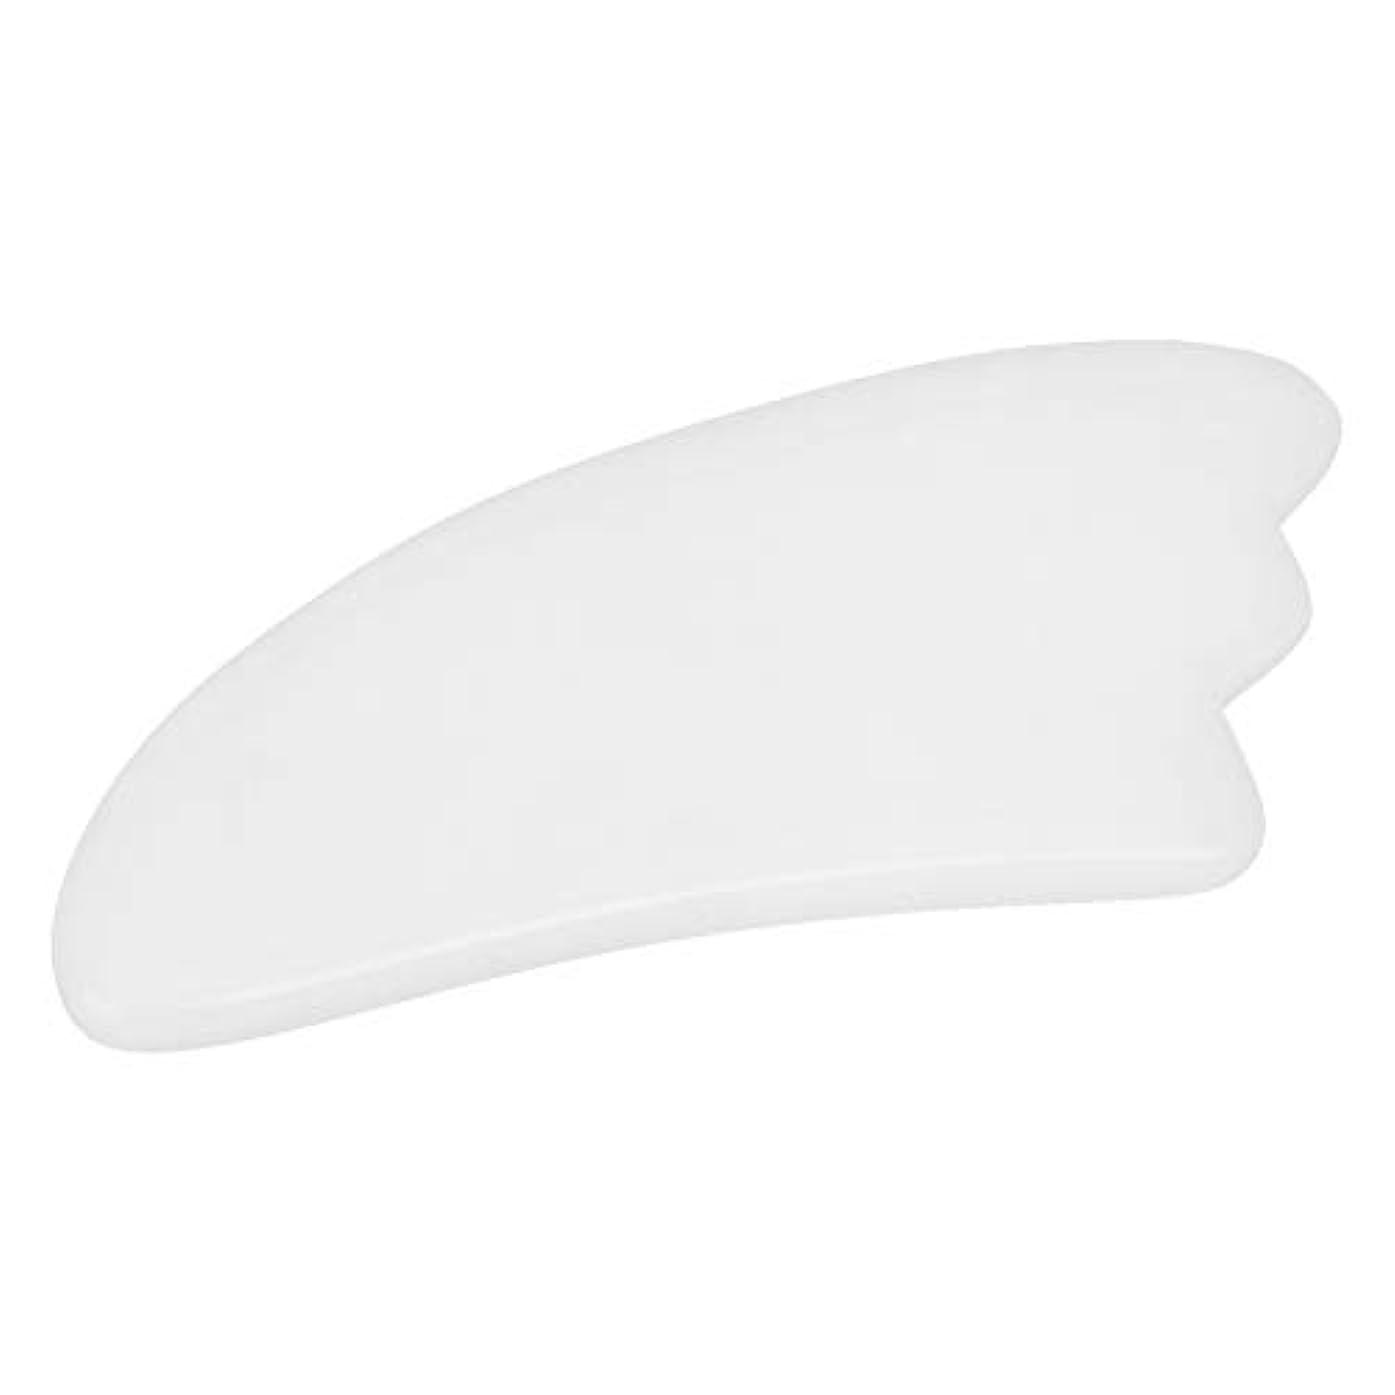 百ペフバンドルカッサ板 - Delaman かっさ プレート、羽型、マッサージ器 、天然石、血液の循環を促進し、美顔、ホワイト